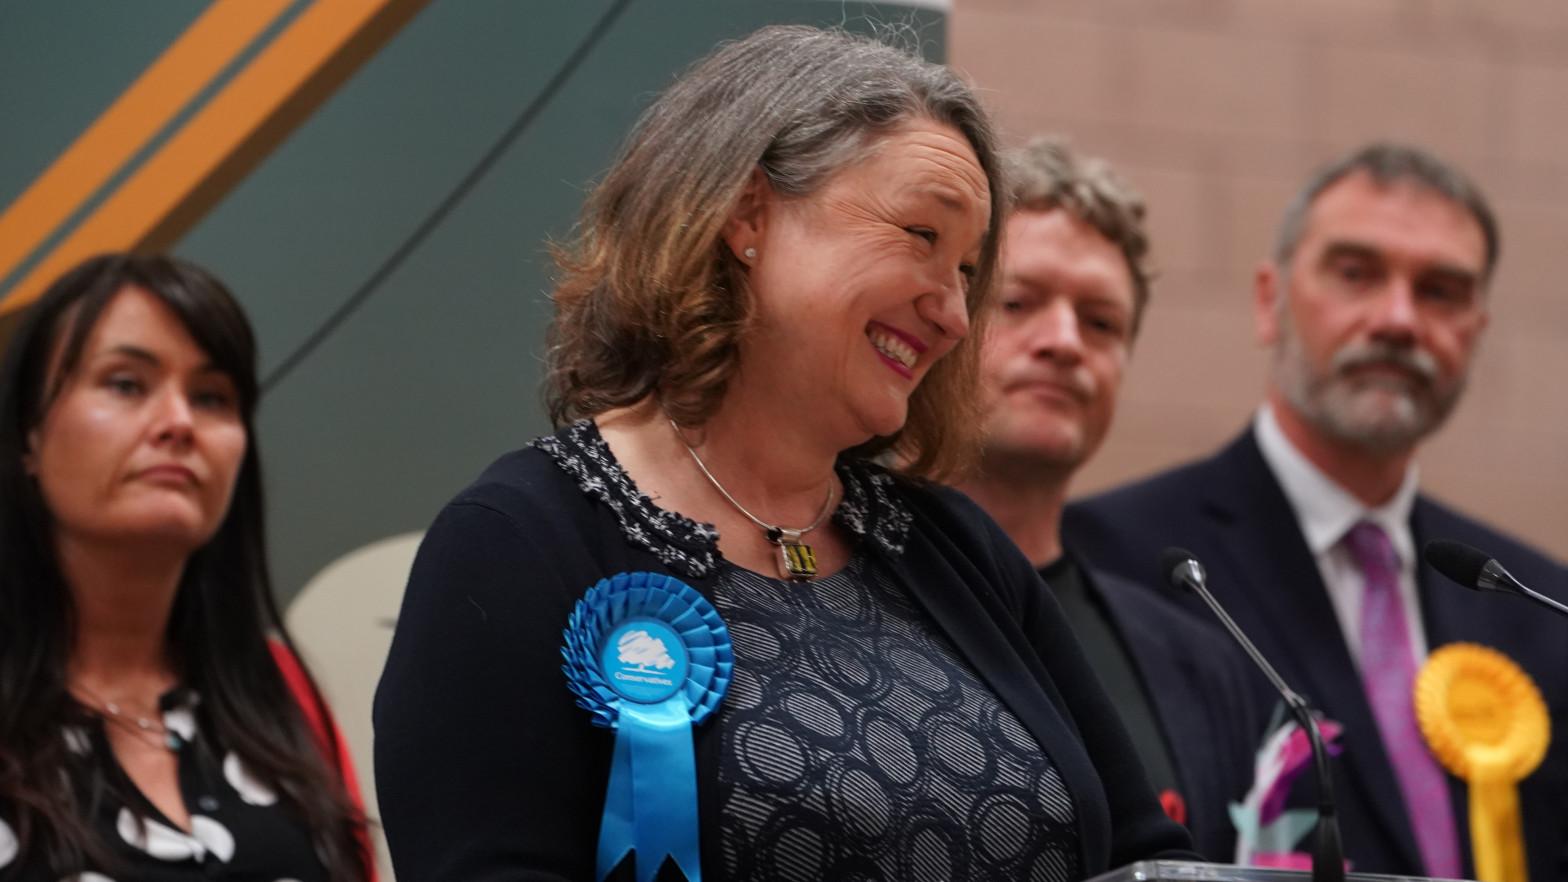 Los conservadores ganan un feudo laborista clave y vaticinan su debacle en Reino Unido